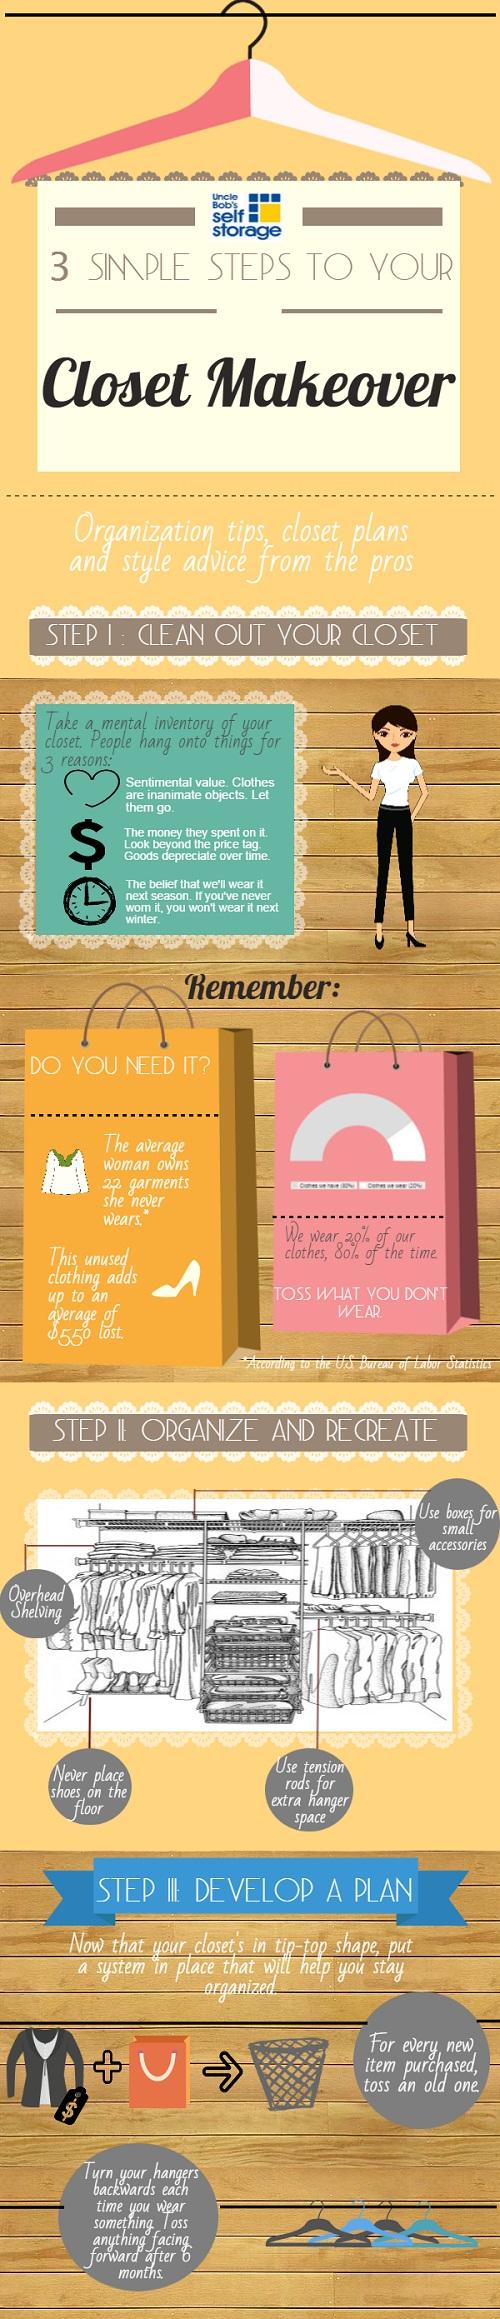 Aprende a organizar y renovar el armario en 3 pasos simples #infografía